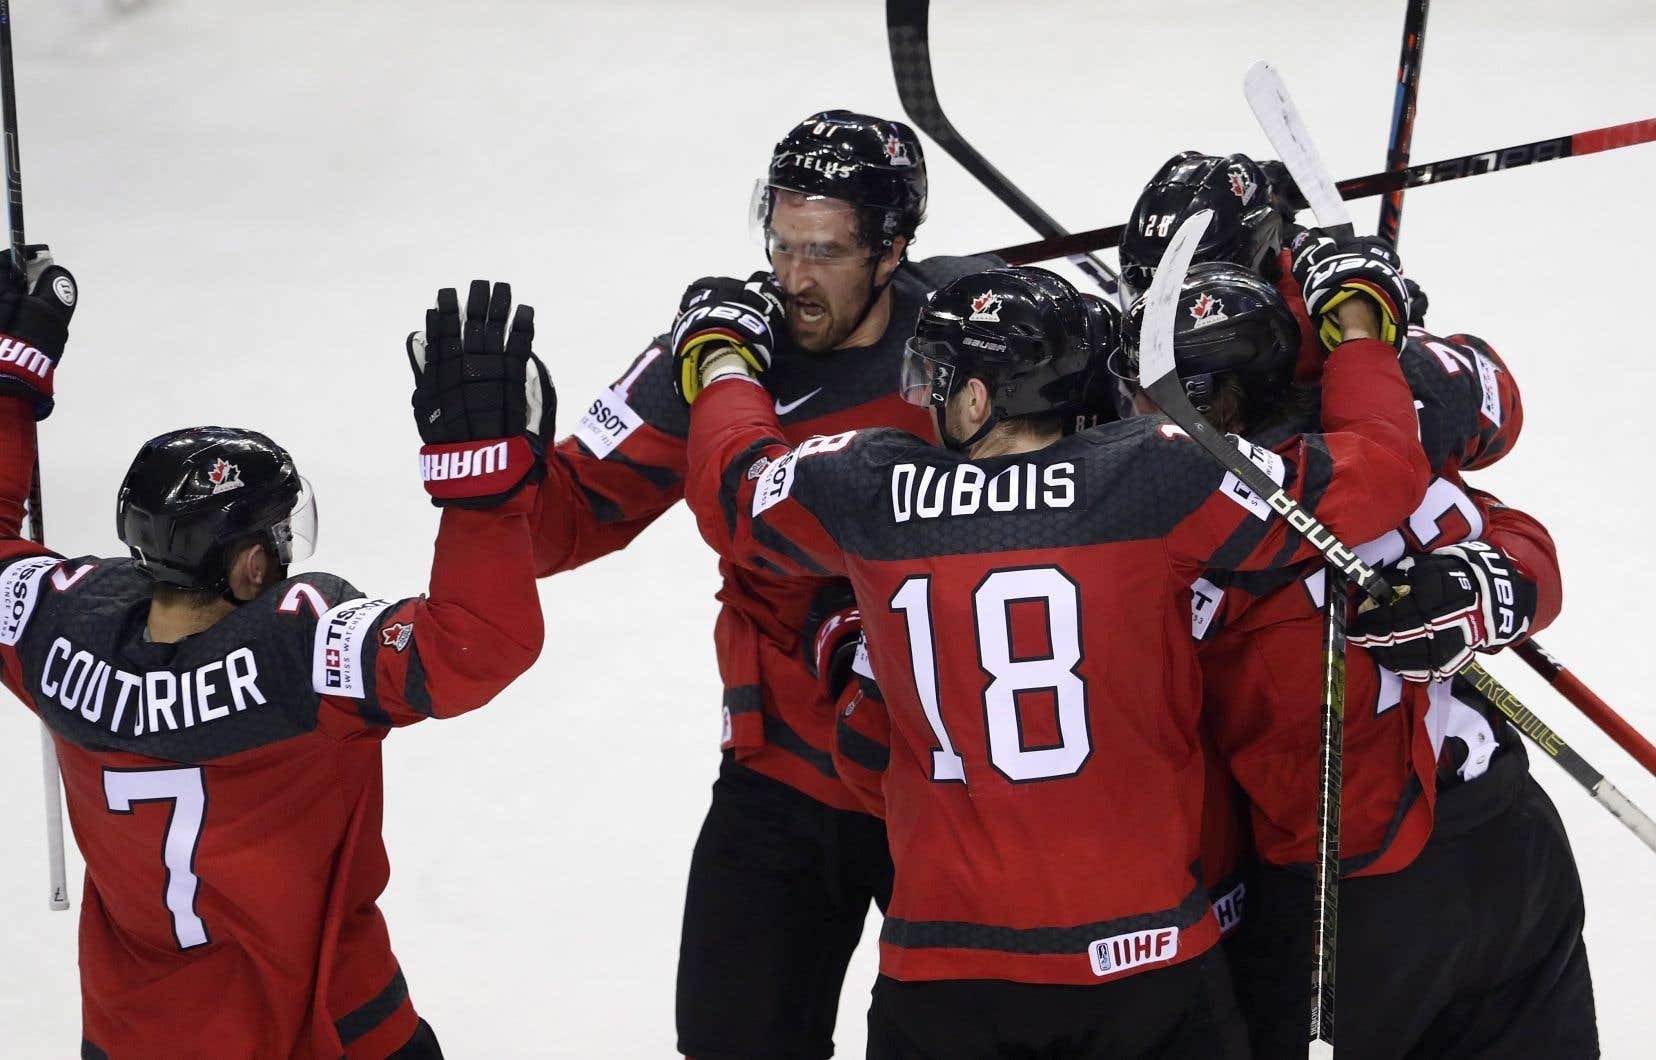 C'est aussi une petite revanche pour la nation, qui s'était inclinée contre la Suisse en demi-finales l'an dernier. Le Canada avait alors été exclu des médailles pour une première fois en quatre ans.